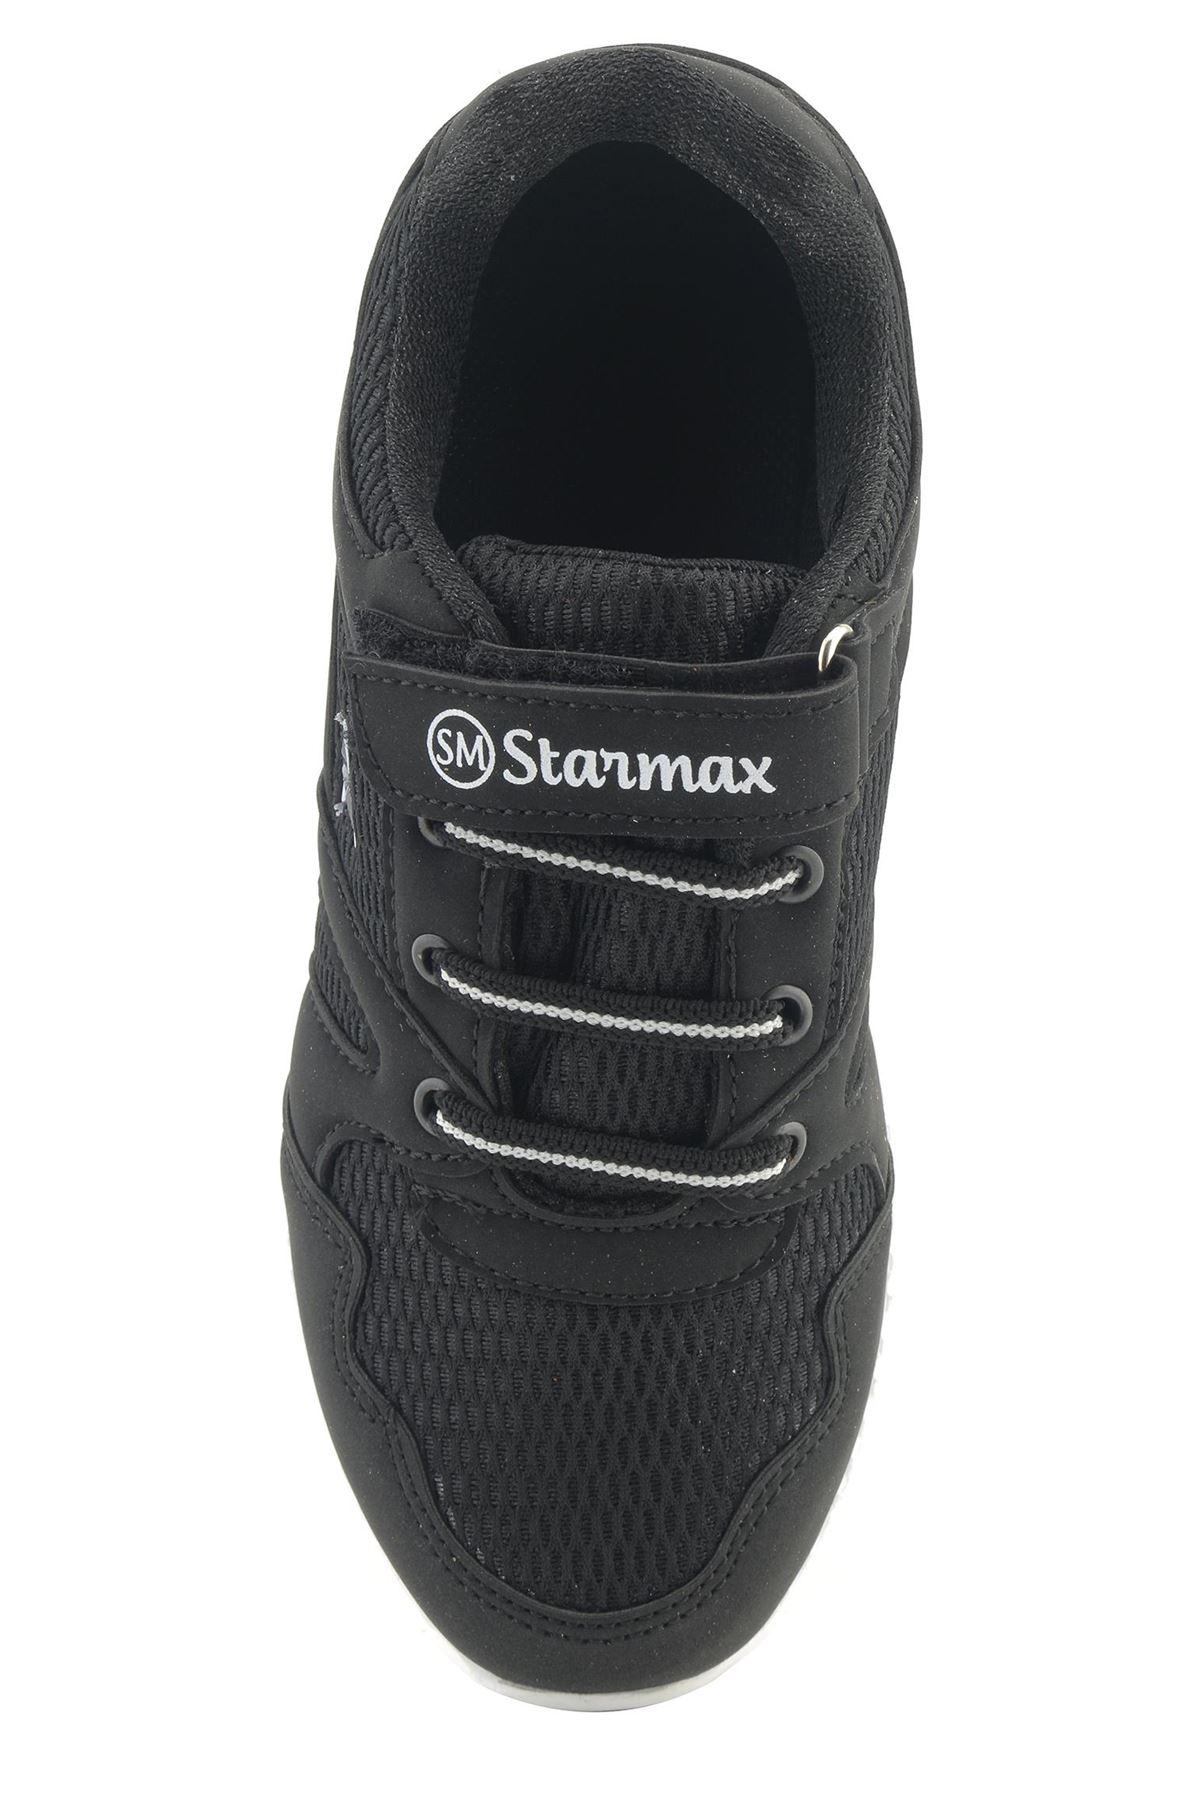 Starmax ST321B Erkek Çocuk Spor Ayakkabı